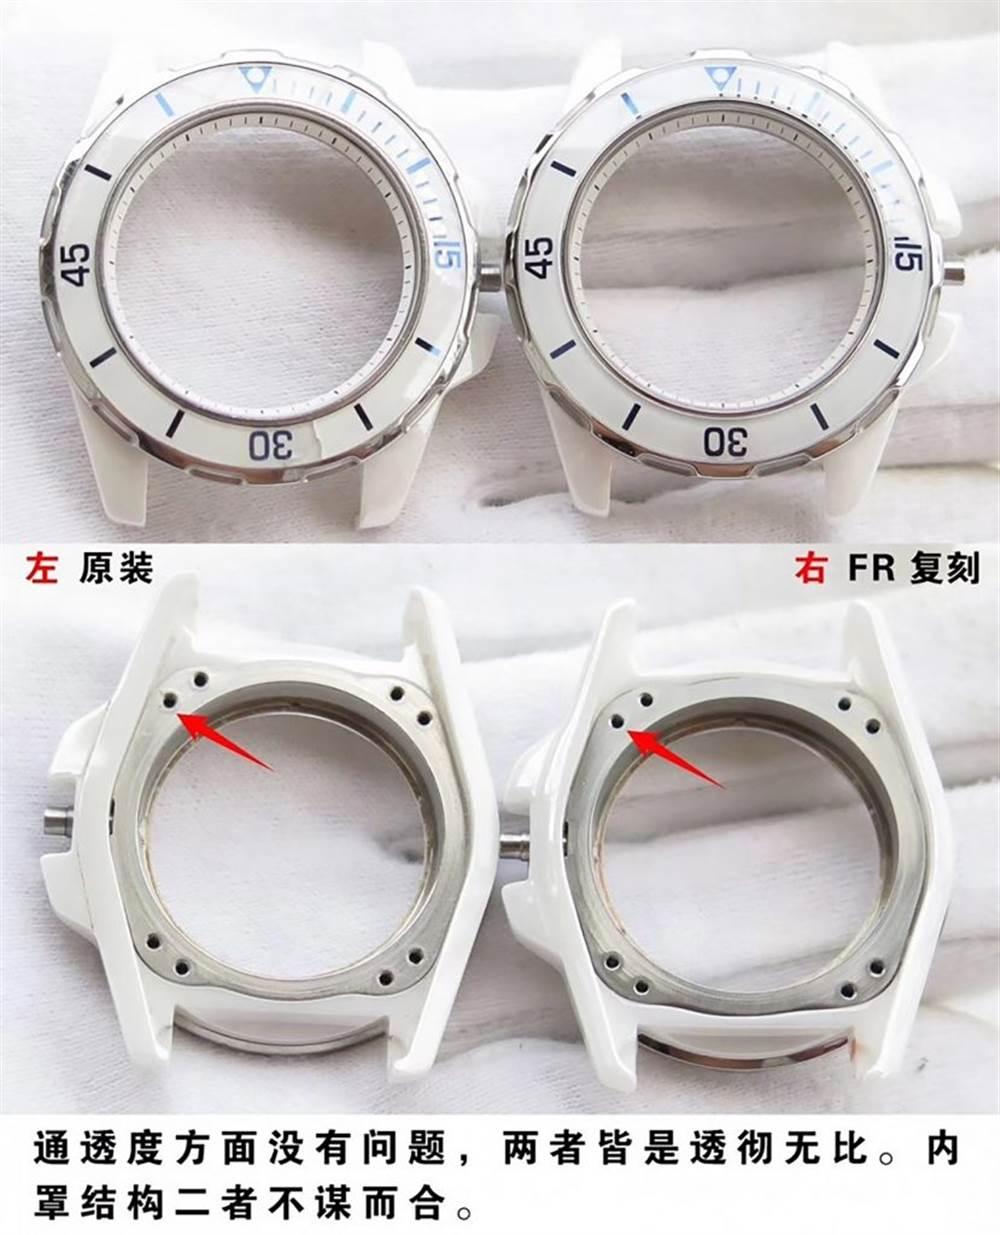 FR厂香奈儿J12系列H2560对比正品评测-CHANEL-J12-H2560 第8张